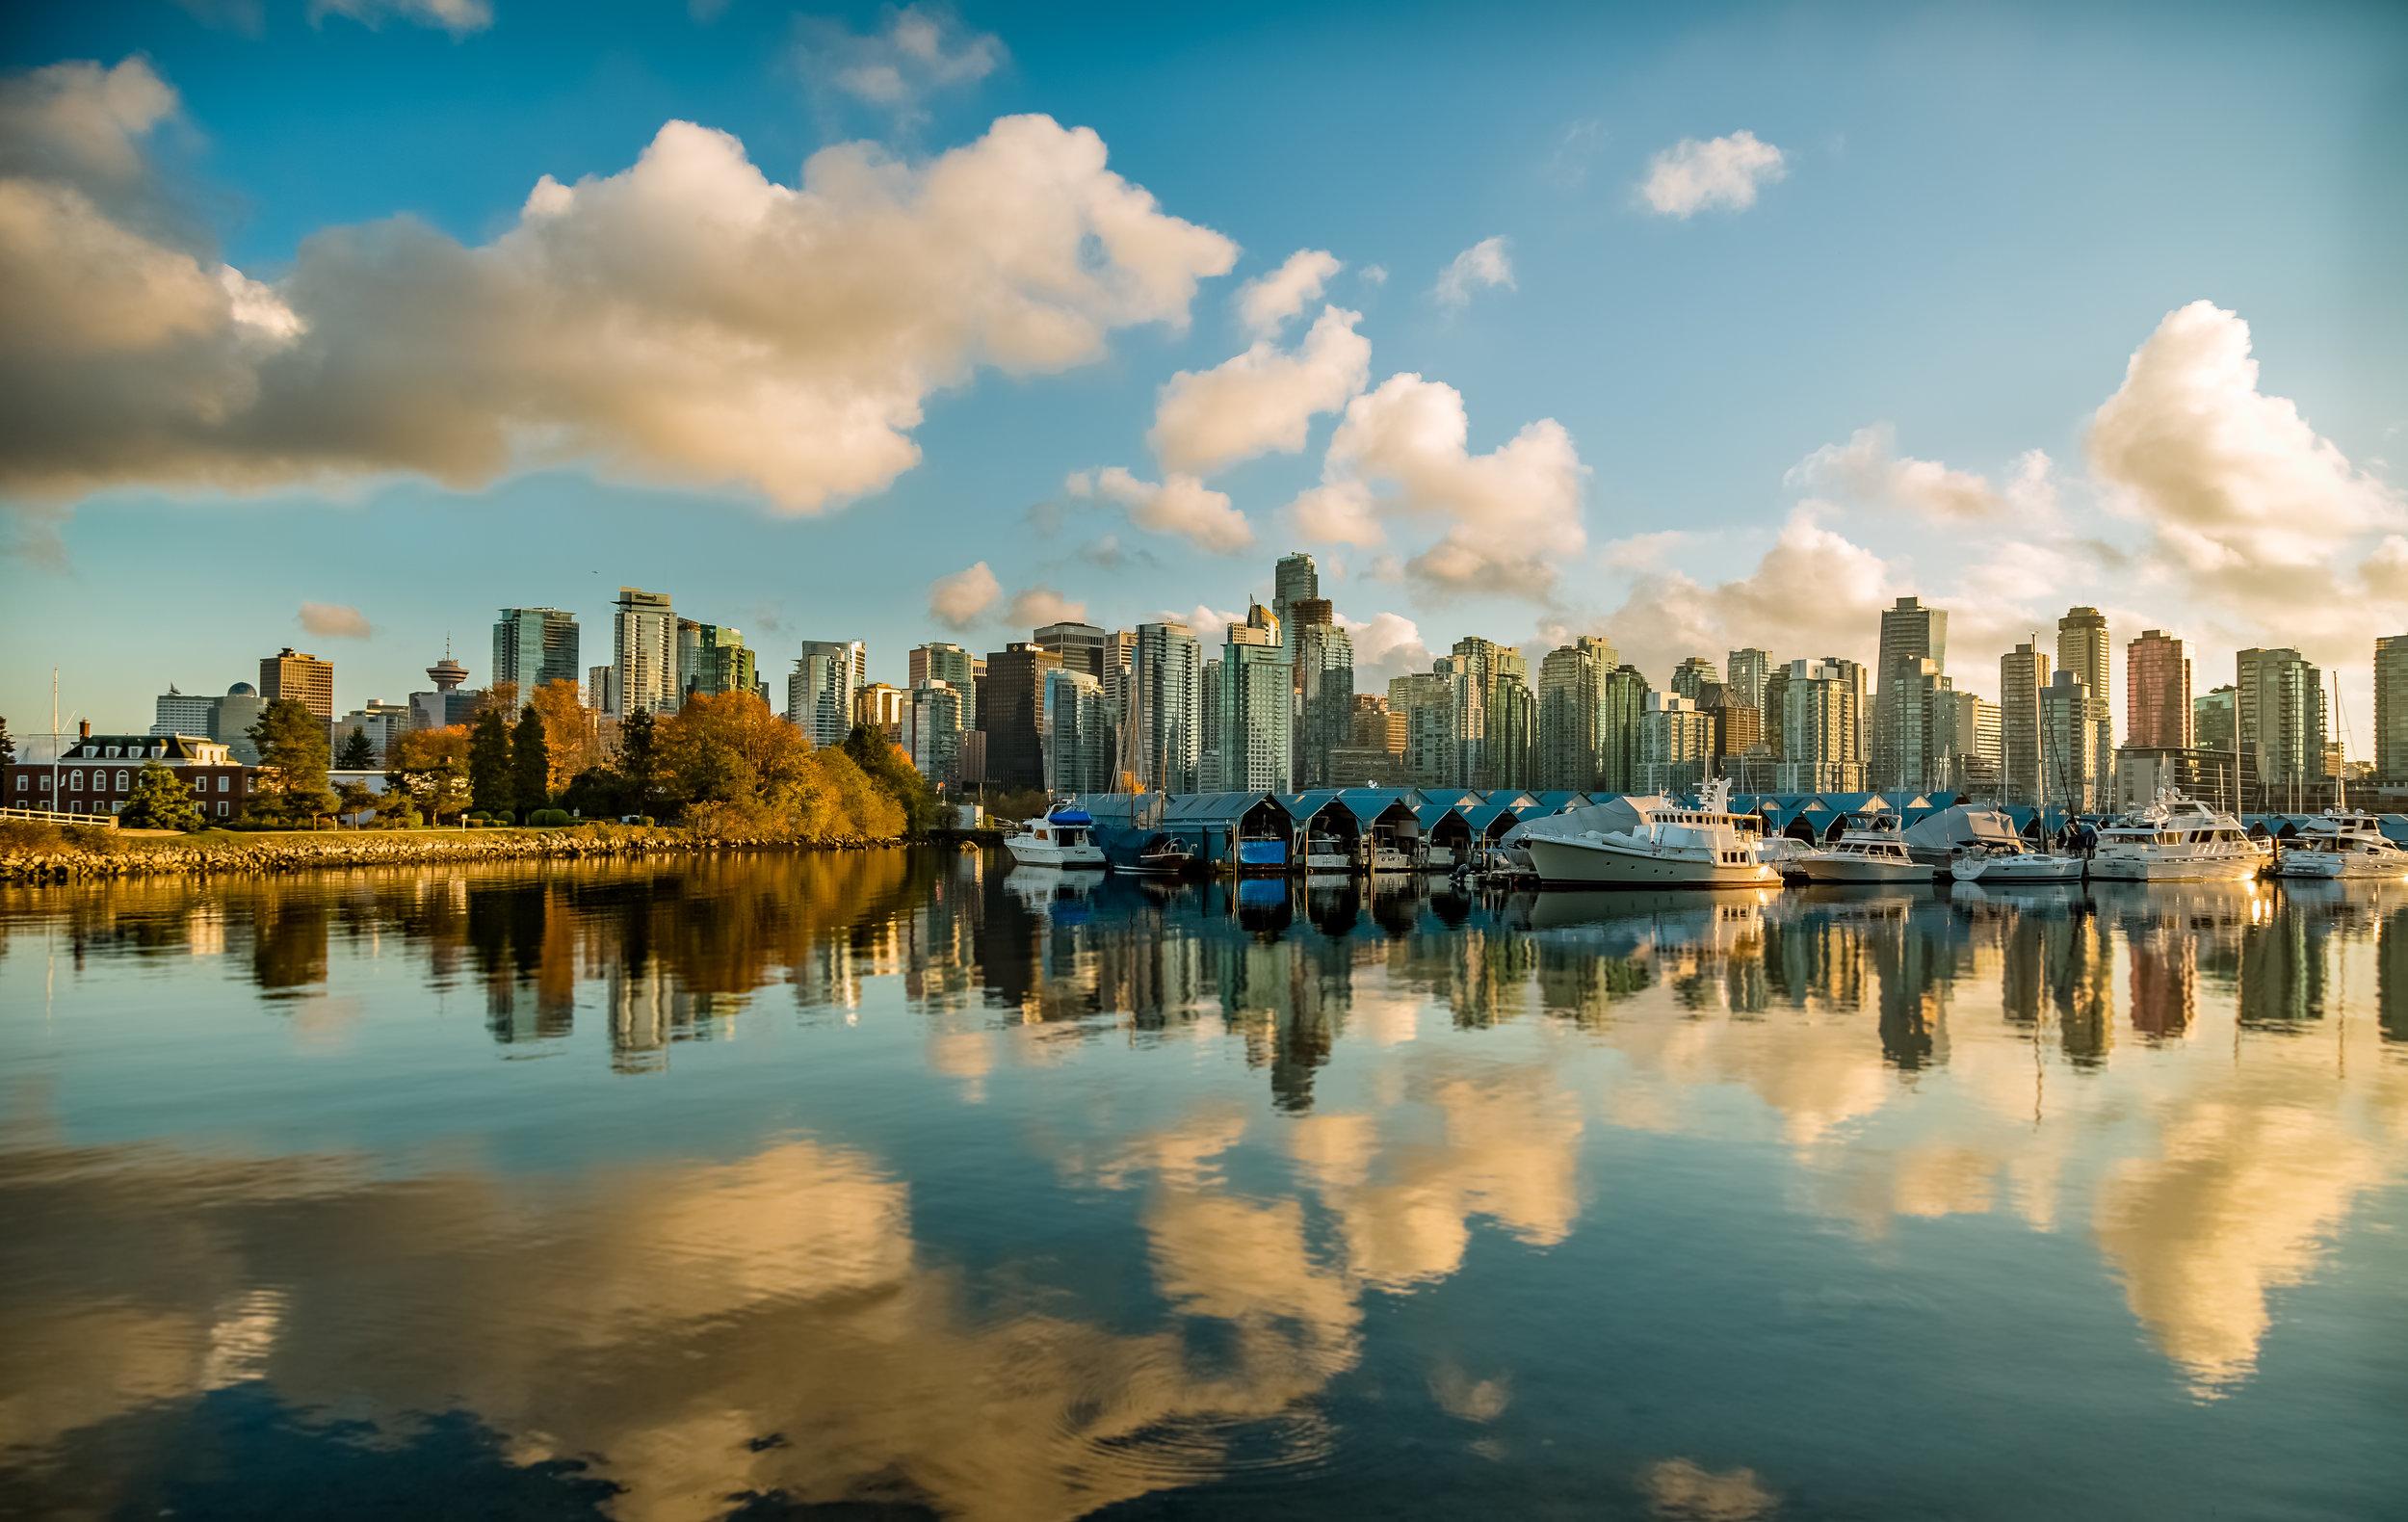 Vancouver - A nuestro juicio es la ciudad más hermosa de Canadá junto a Victoria si tomamos en cuenta la integración de la naturaleza con lo urbano. Vancouver ha estado catalogada en los últimos años como una de las mejores ciudades del mundo para vivir. Un dato interesante es que la influencia asiática en la ciudad es tanta que su gastronomía oriental es una de las mejores en el continente americano. Sede de los Juegos Olímpicos de invierno en 2010, la ciudad conserva importantes museos y una gran variedad de ofrecimiento de actividades como muy pocas otras ciudades en Canadá. Aquí te recomendamos utilizar el transporte colectivo que rentar un auto. Es muy fácil moverte de un punto a otro y ahorrarás dinero en estacionamientos. Luegares que debes visitar: Capilano Suspension Bridge Park, alquila una bicicleta y recorrel el Stanley Park, Gastown, Museo de Antropología, escala el famoso Grouse Grind, visita su famoso Chinatown y sal a ver ballenas.